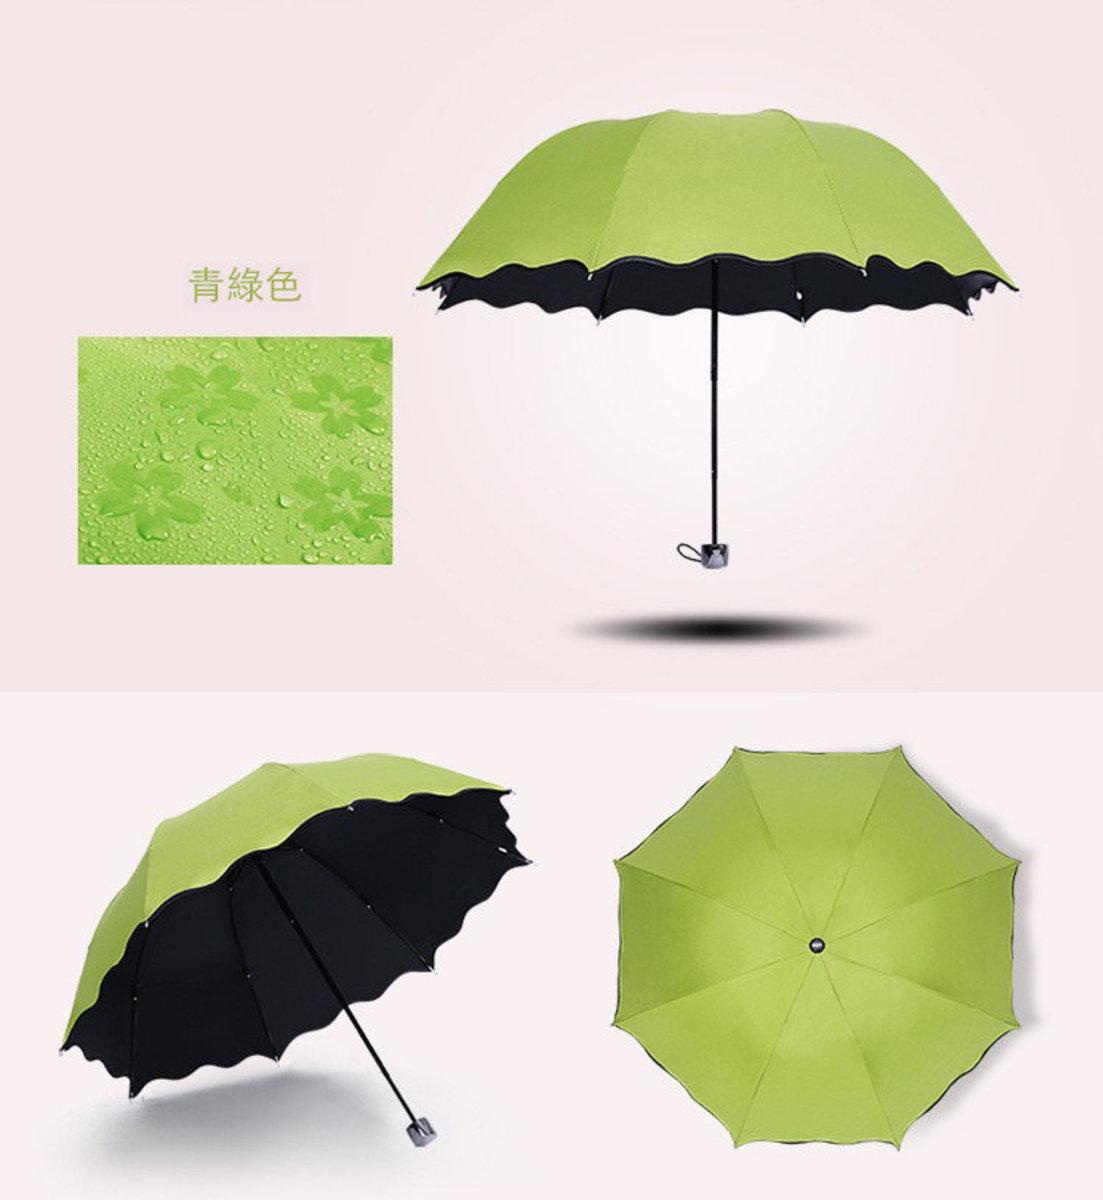 日式女士花紋防紫外線傘 縮骨遮 -  青綠色